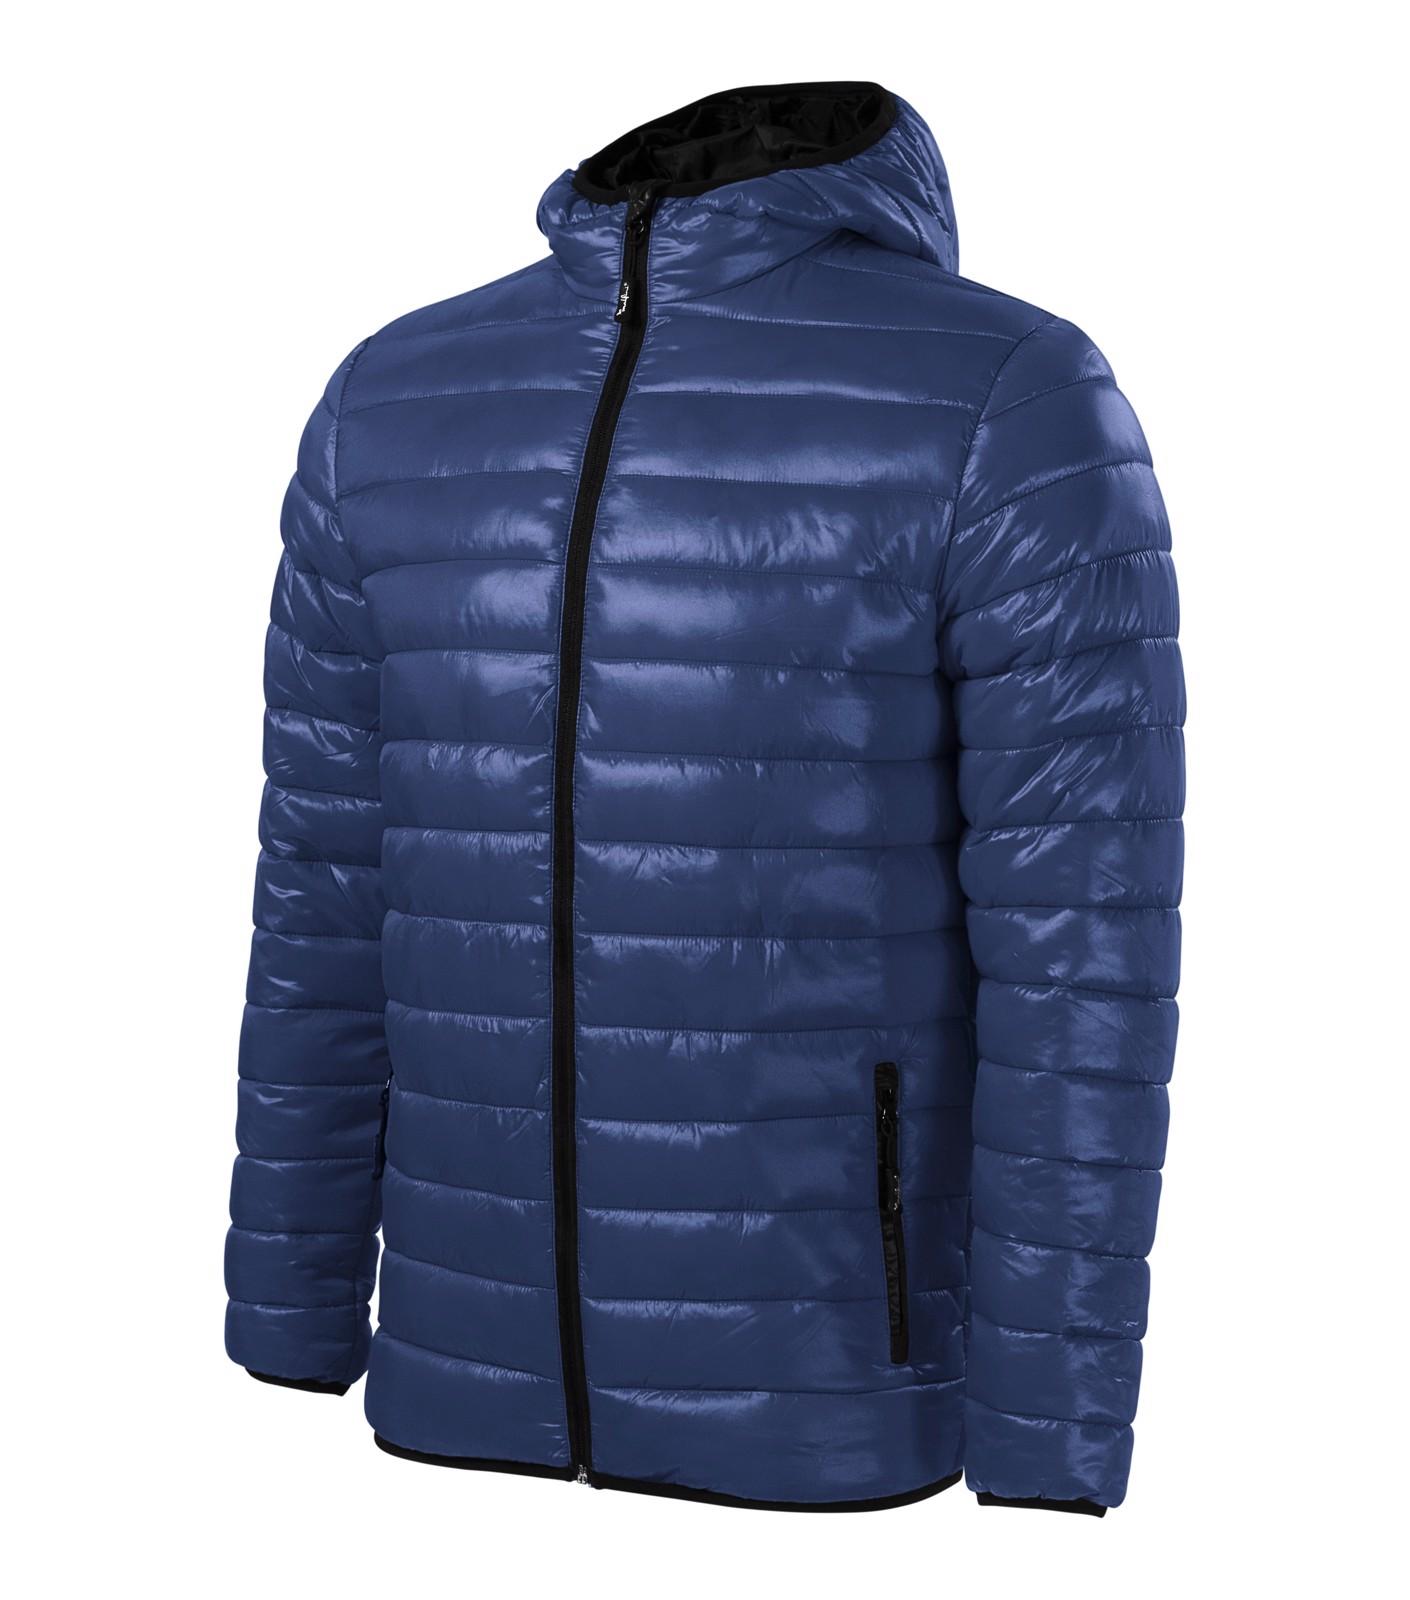 Bunda pánská Malfinipremium Everest - Námořní Modrá / S